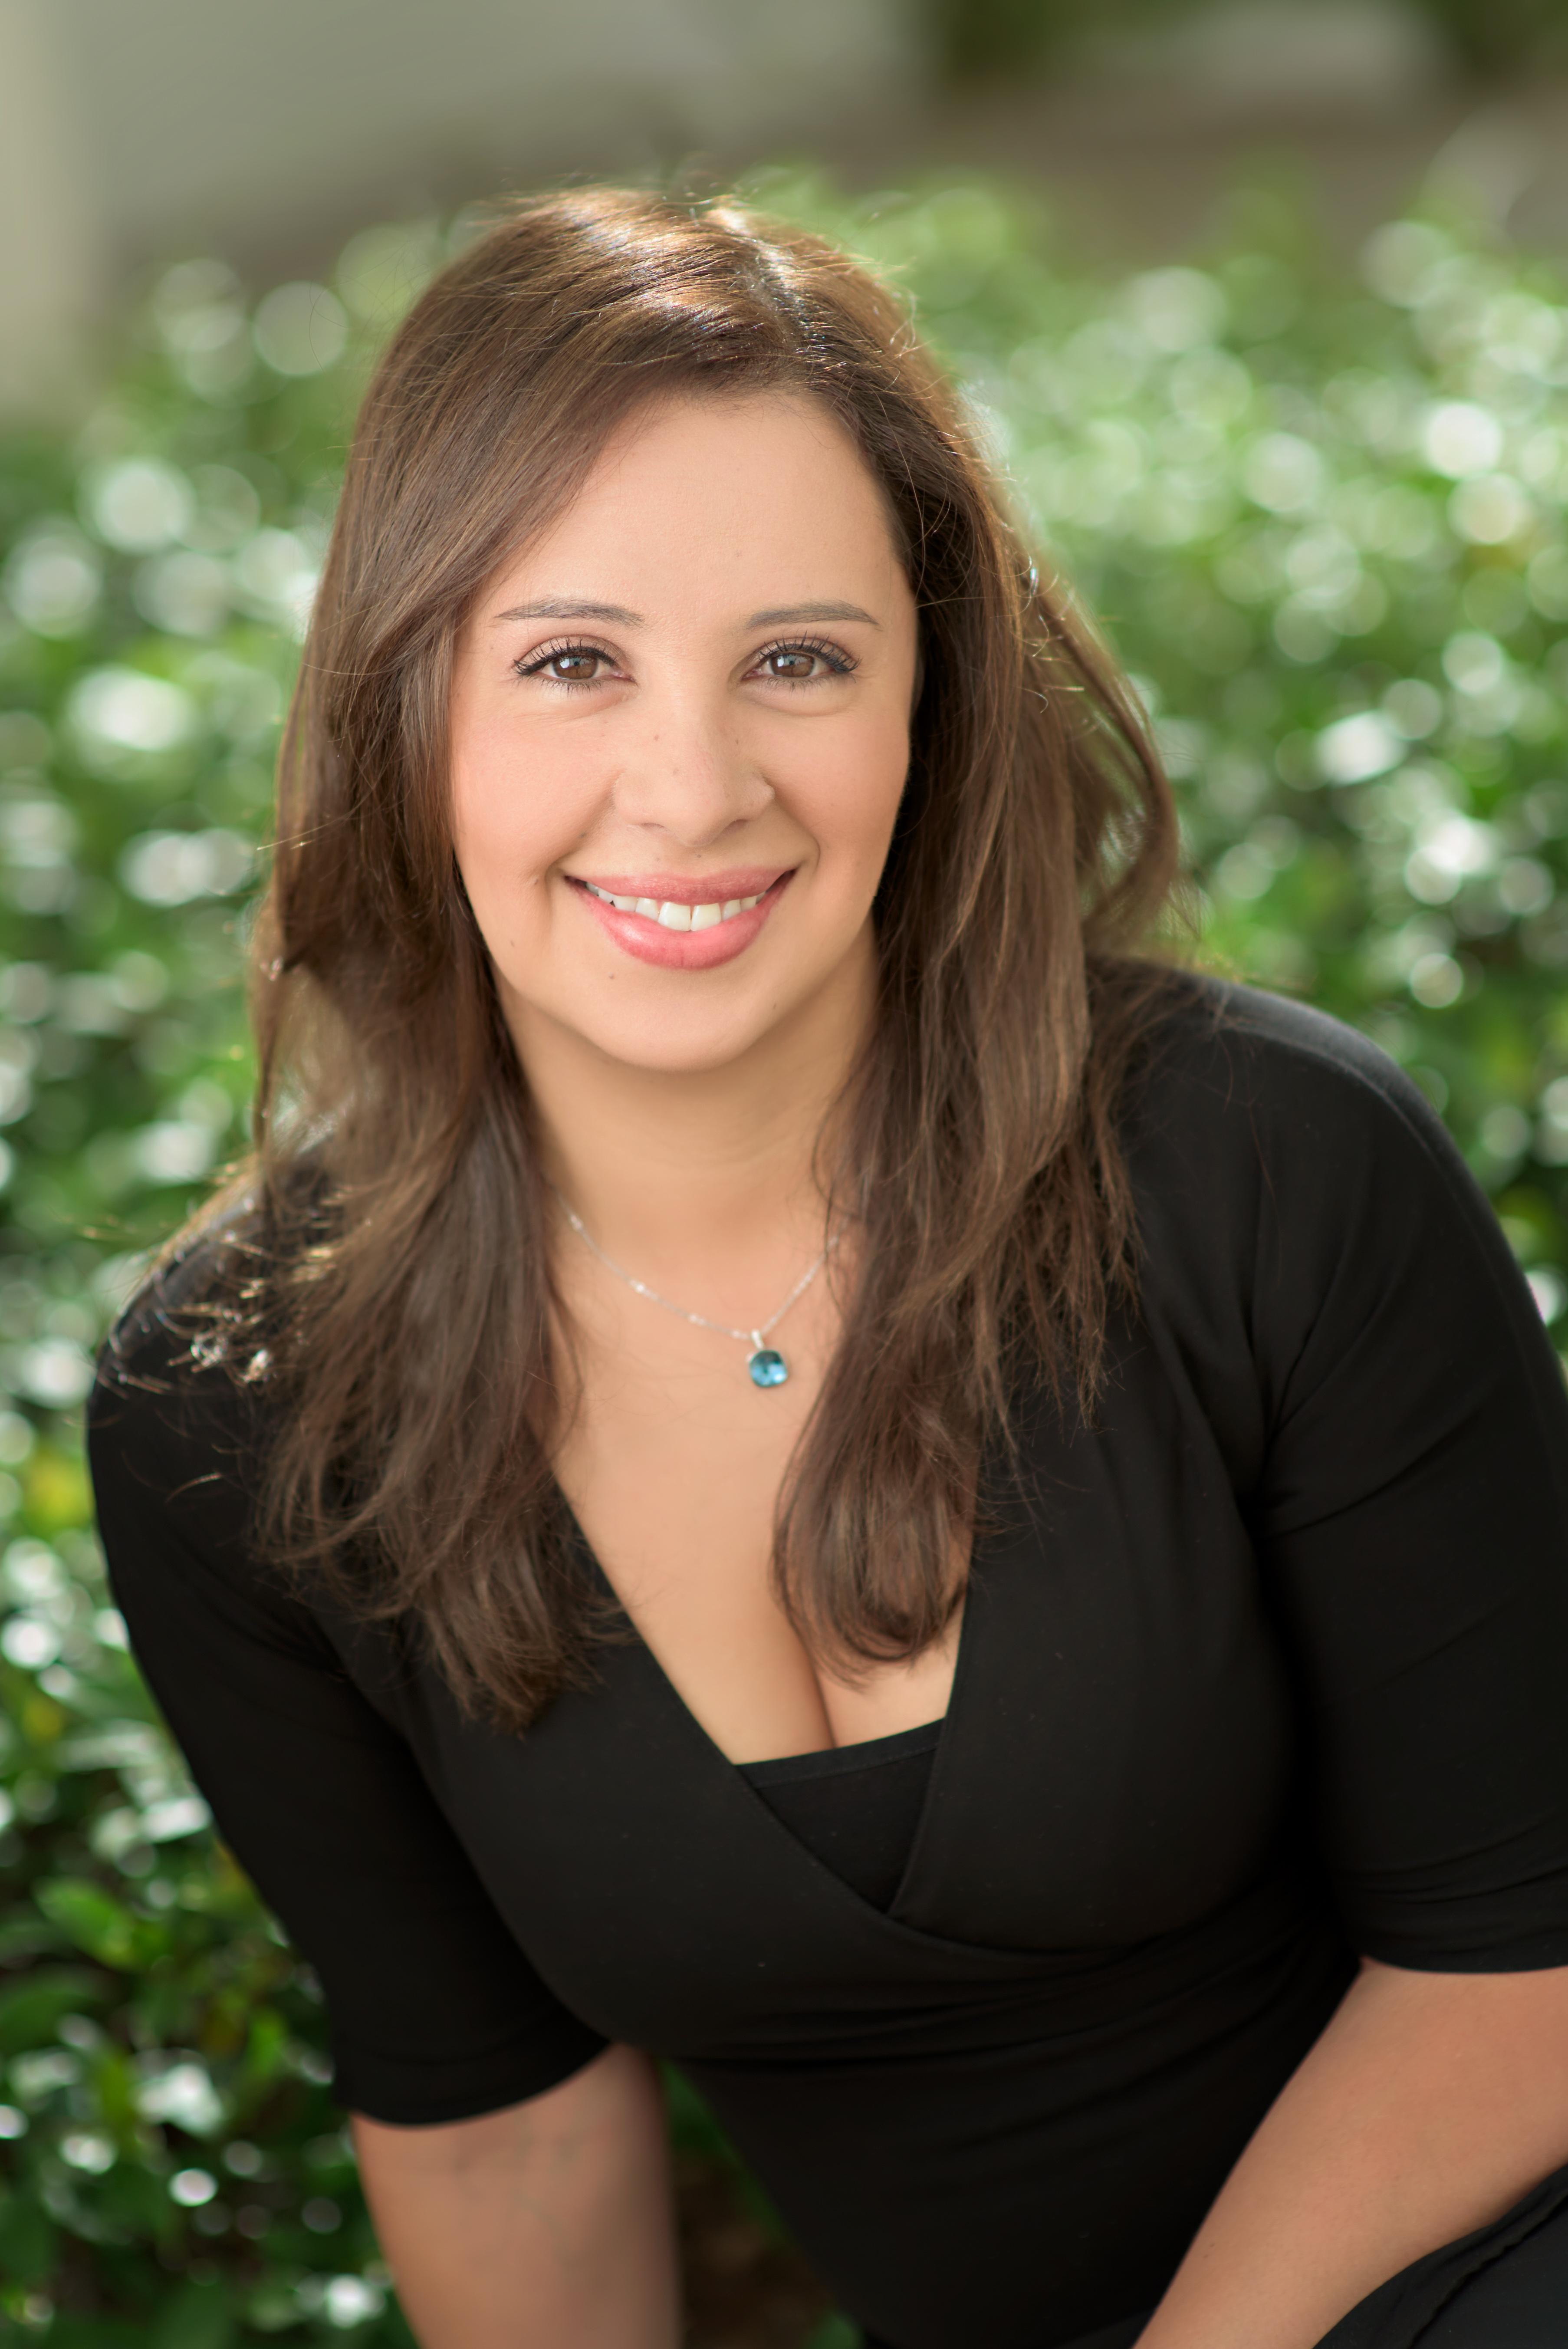 Carolina Weidler